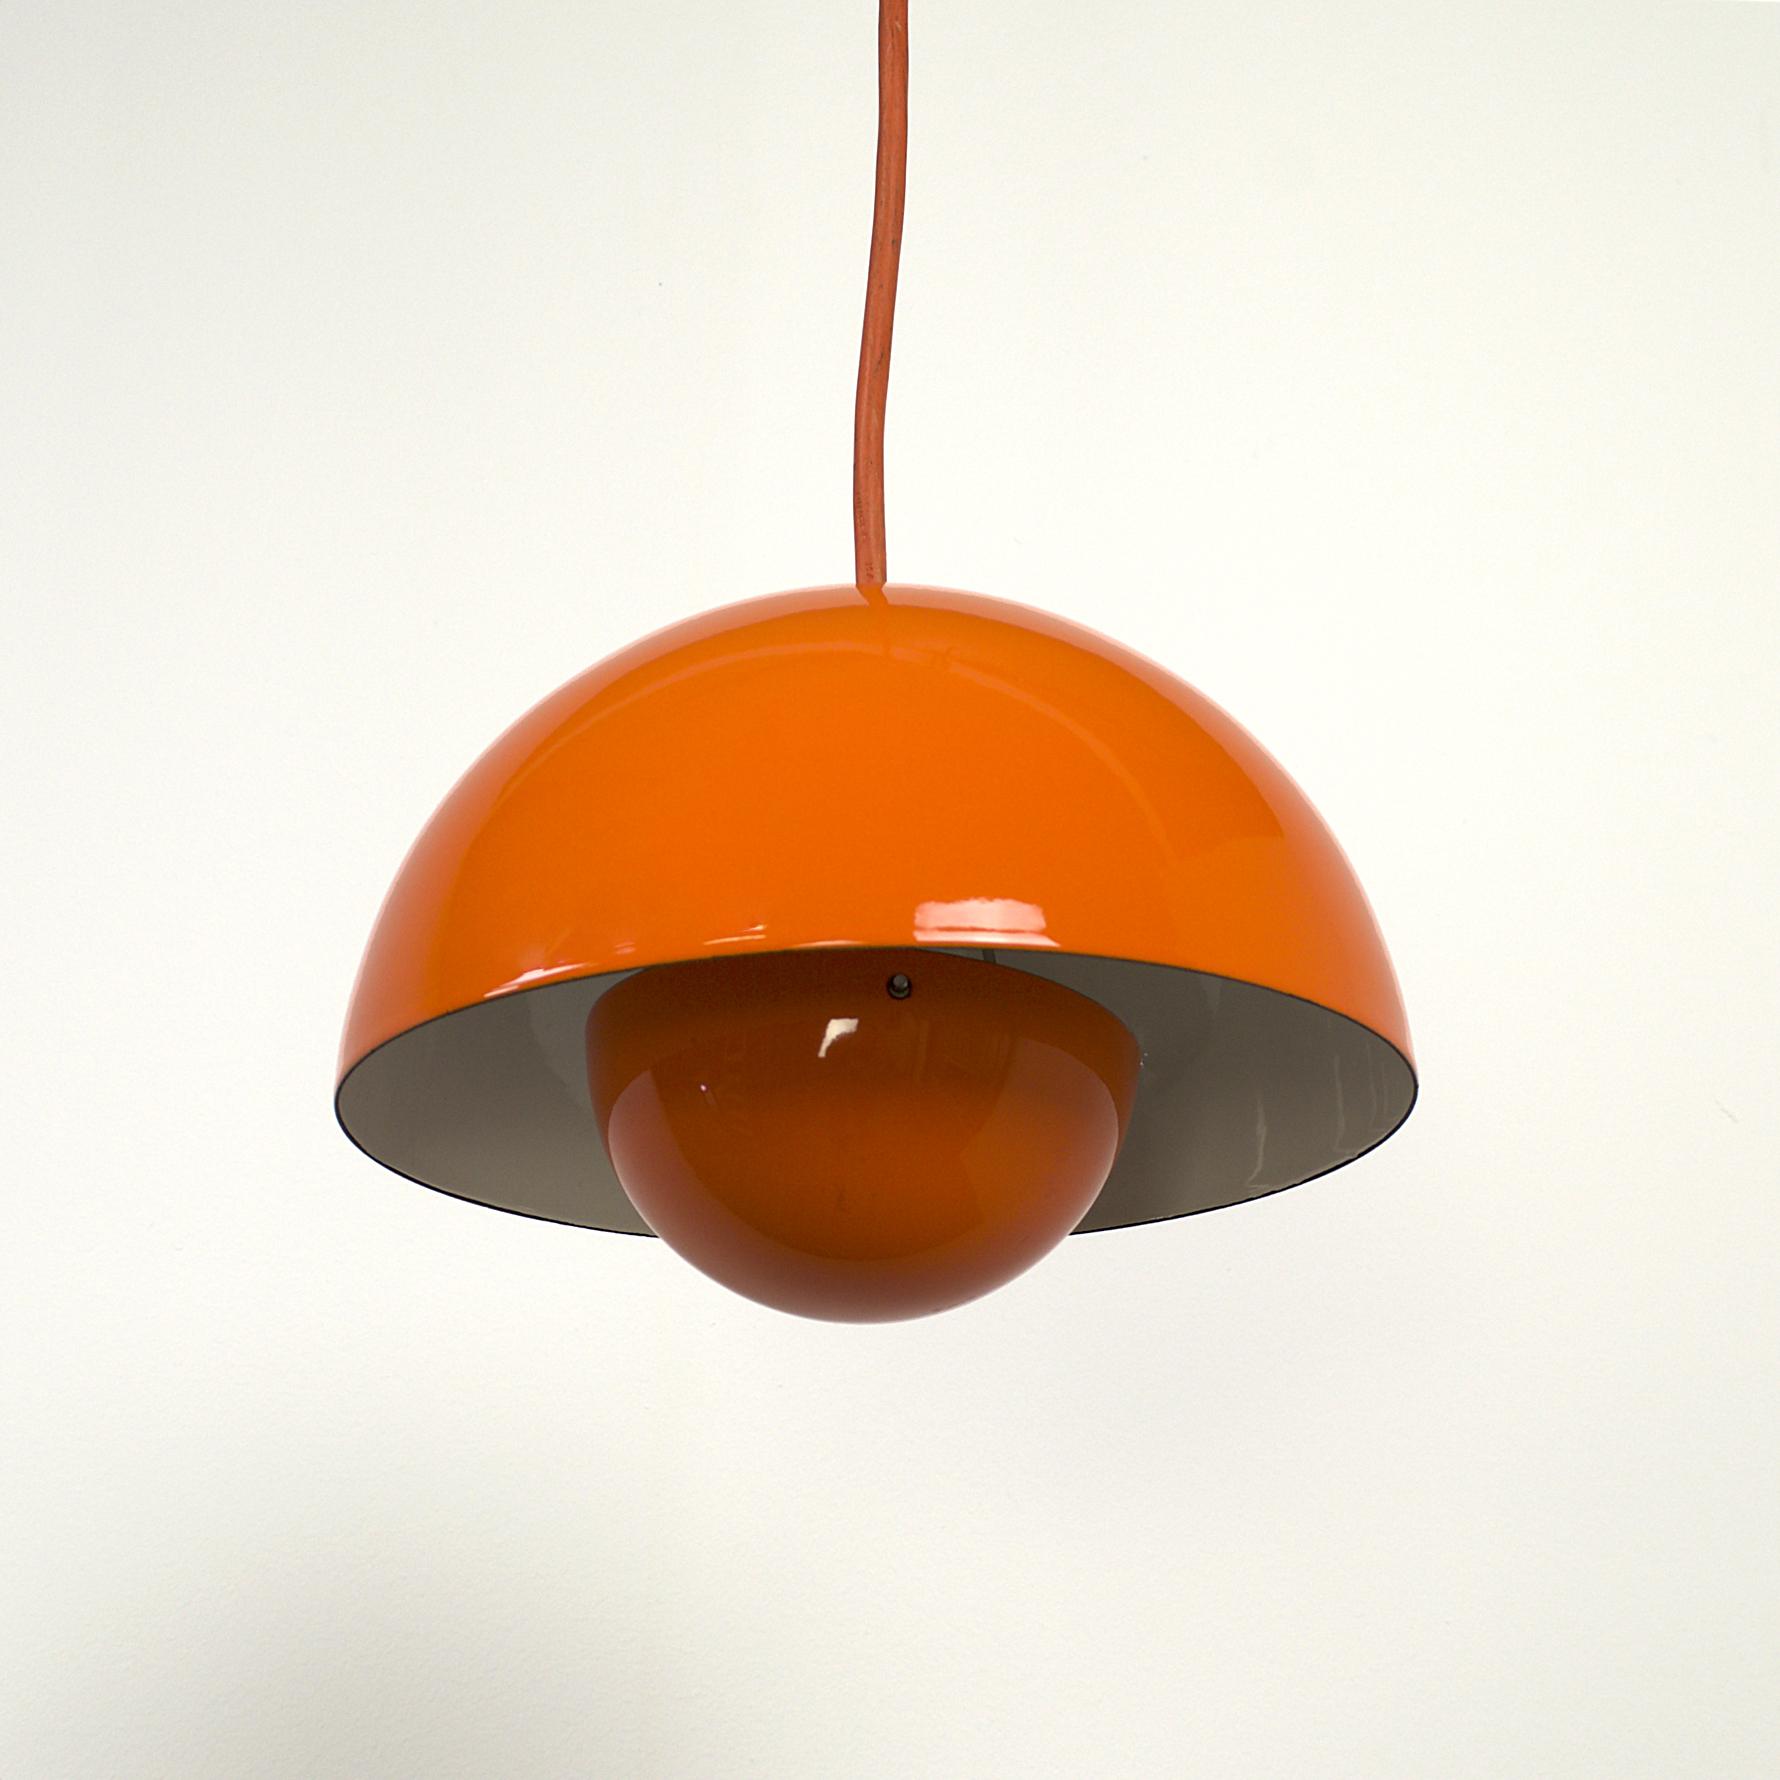 60s verner panton flowerpot hanging lamp for louis poulsen barbmama. Black Bedroom Furniture Sets. Home Design Ideas